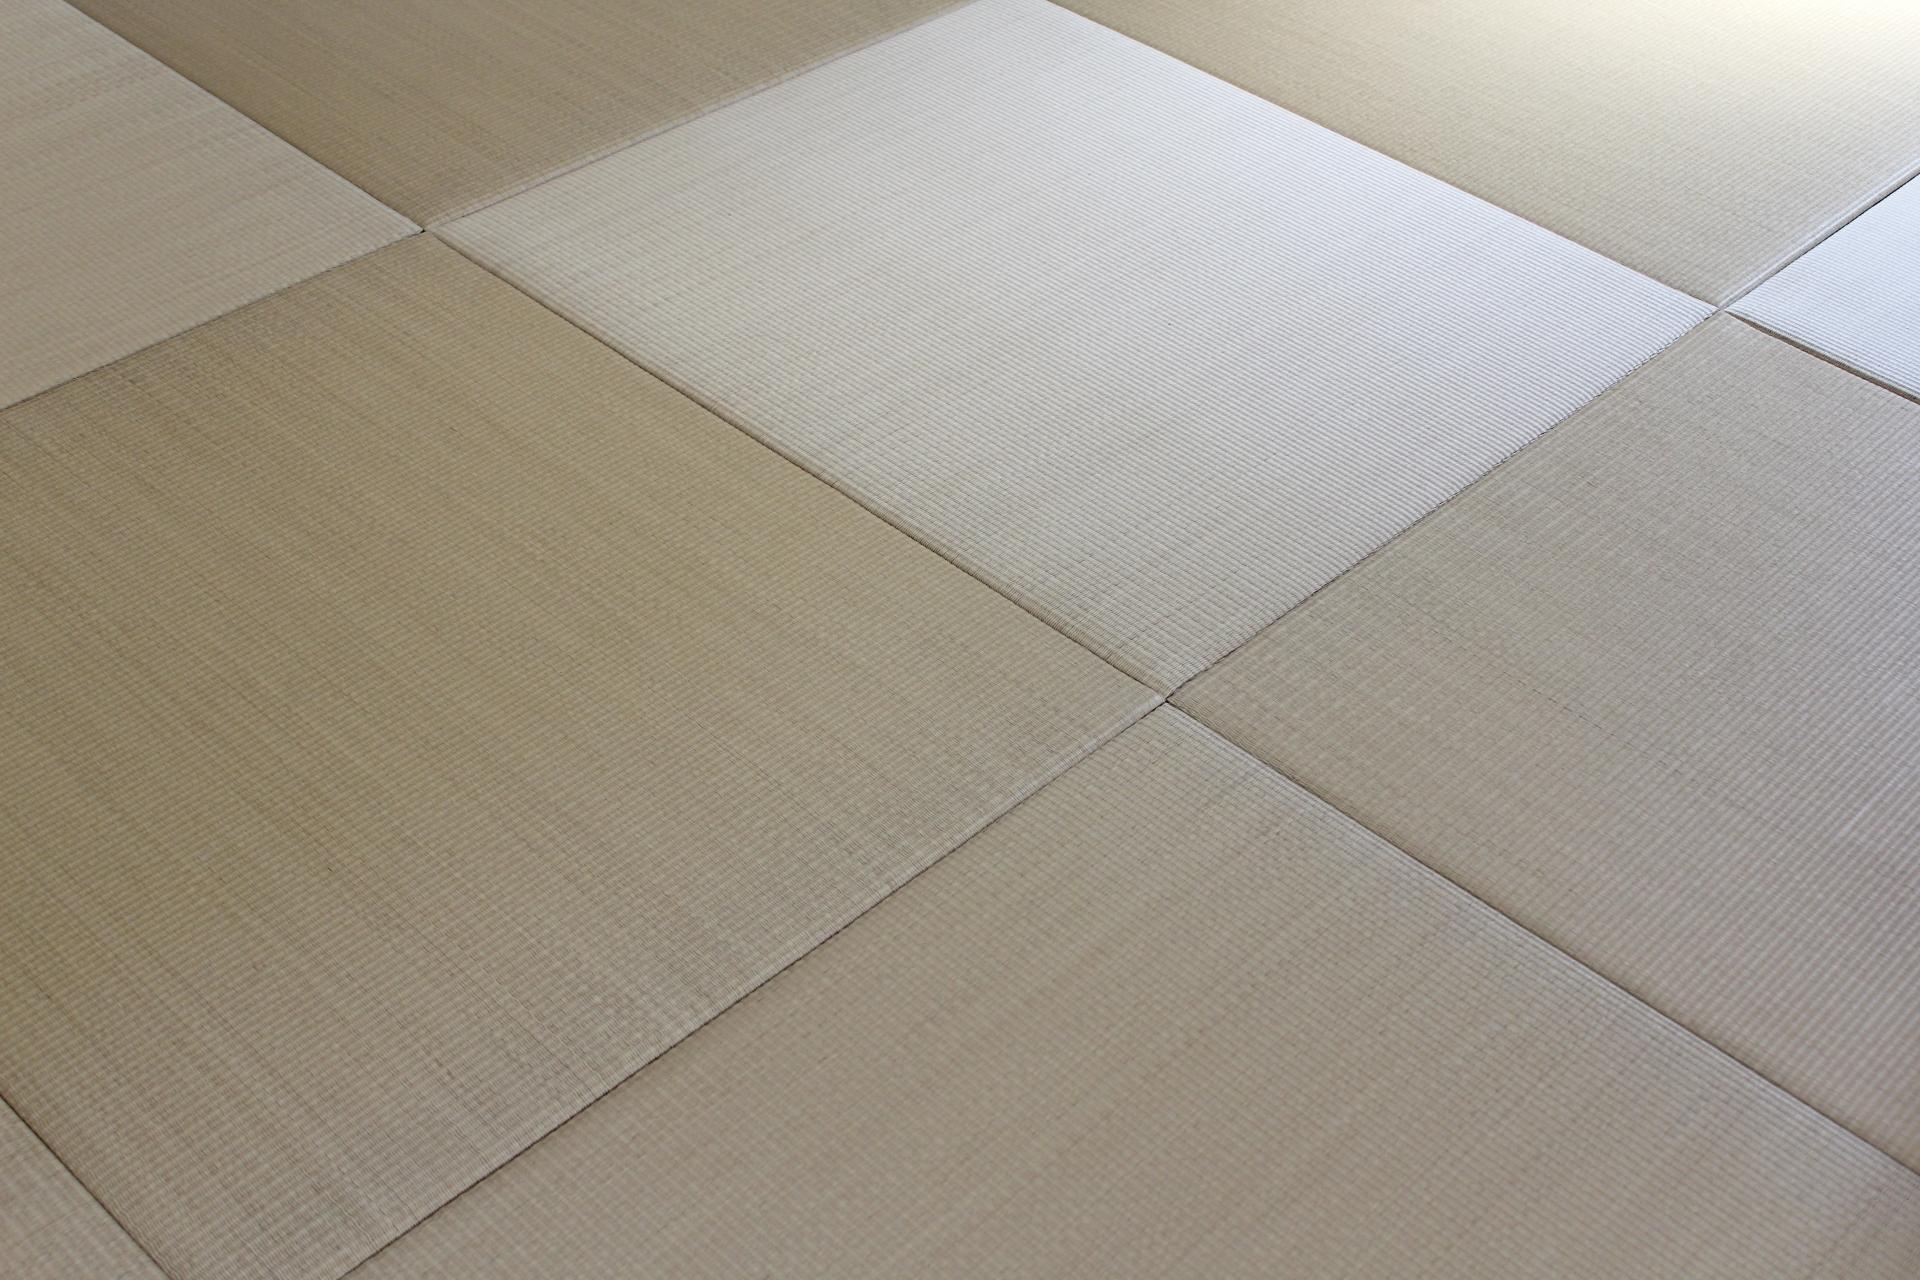 カビなどに強い樹脂畳の例。